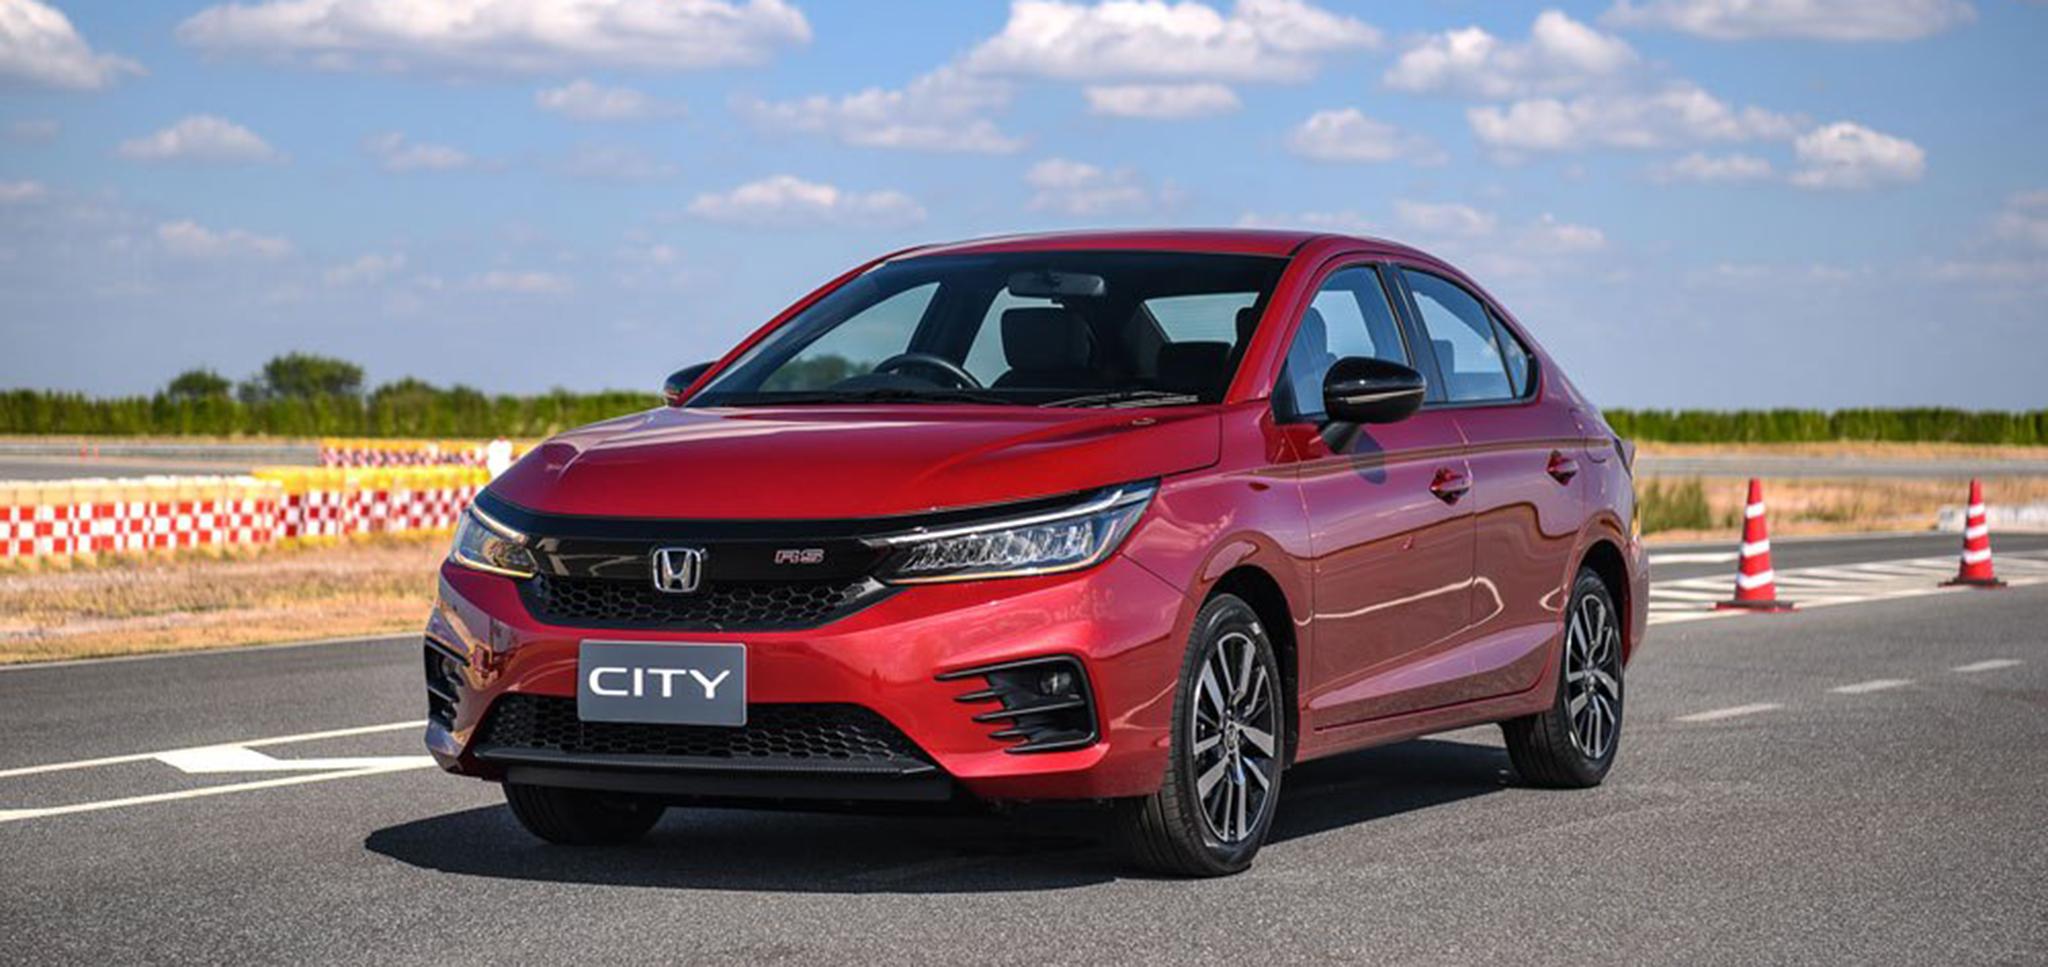 Honda City giảm đến 40 triệu đồng kích cầu sức mua giữa mùa dịch